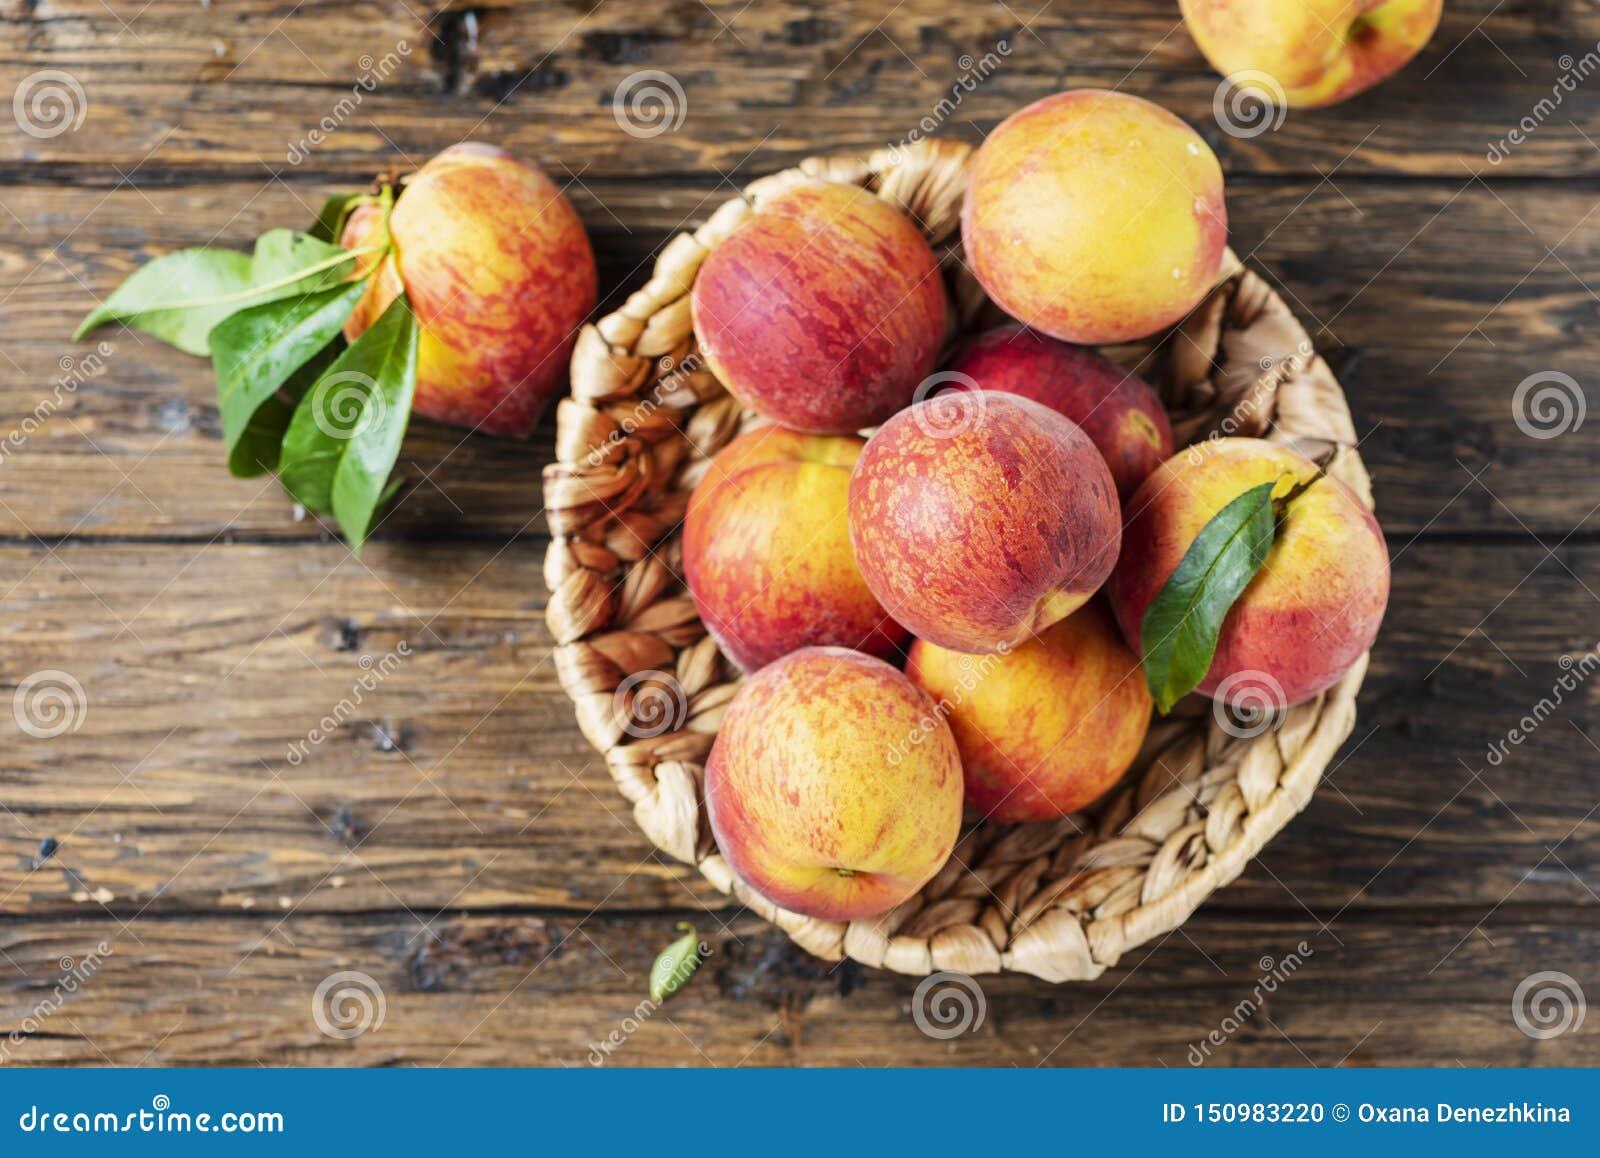 Свежие сладкие персики